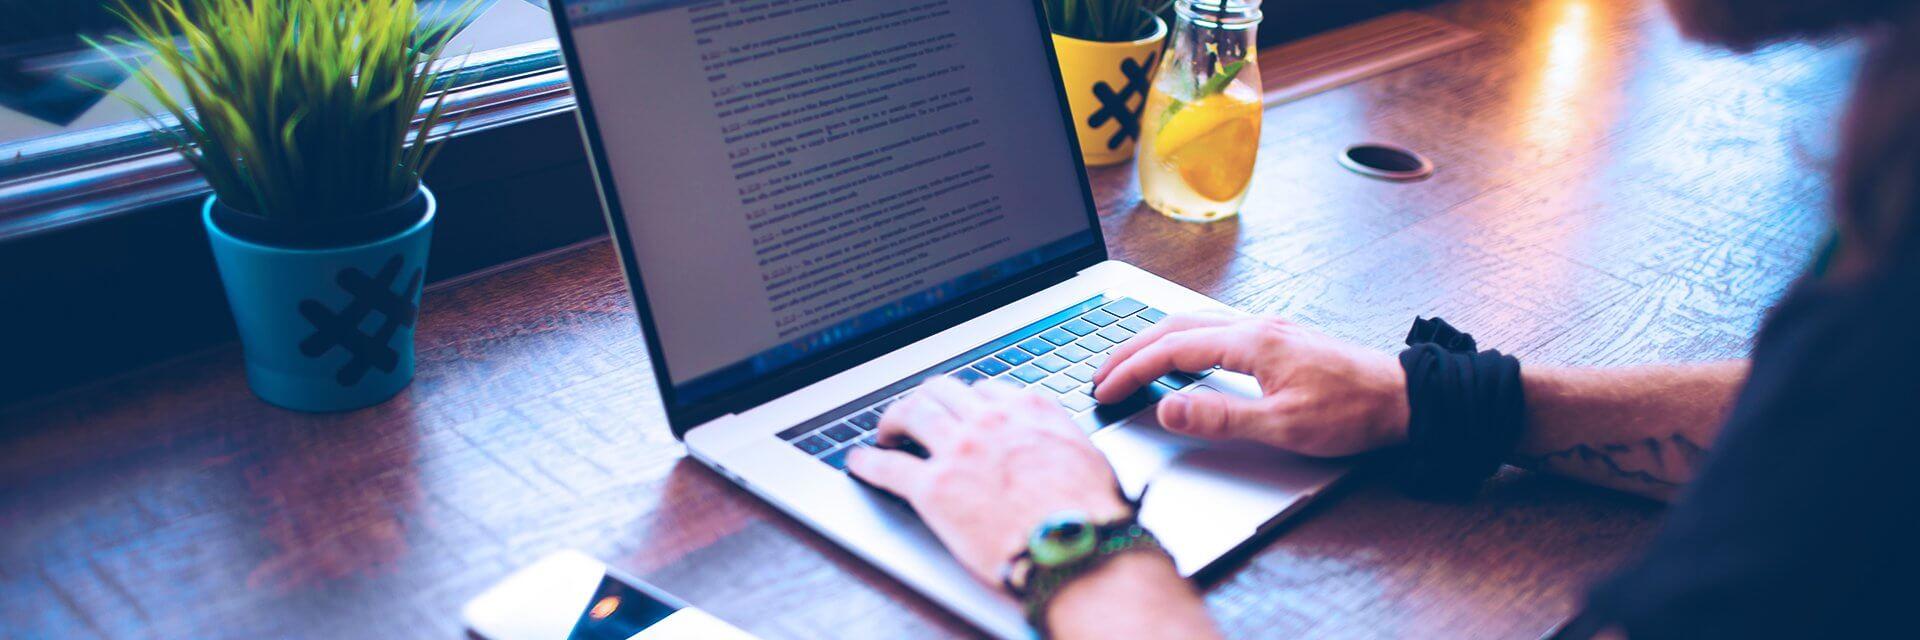 O copywriting é uma técnica textual conhecida como a arte da persuasão